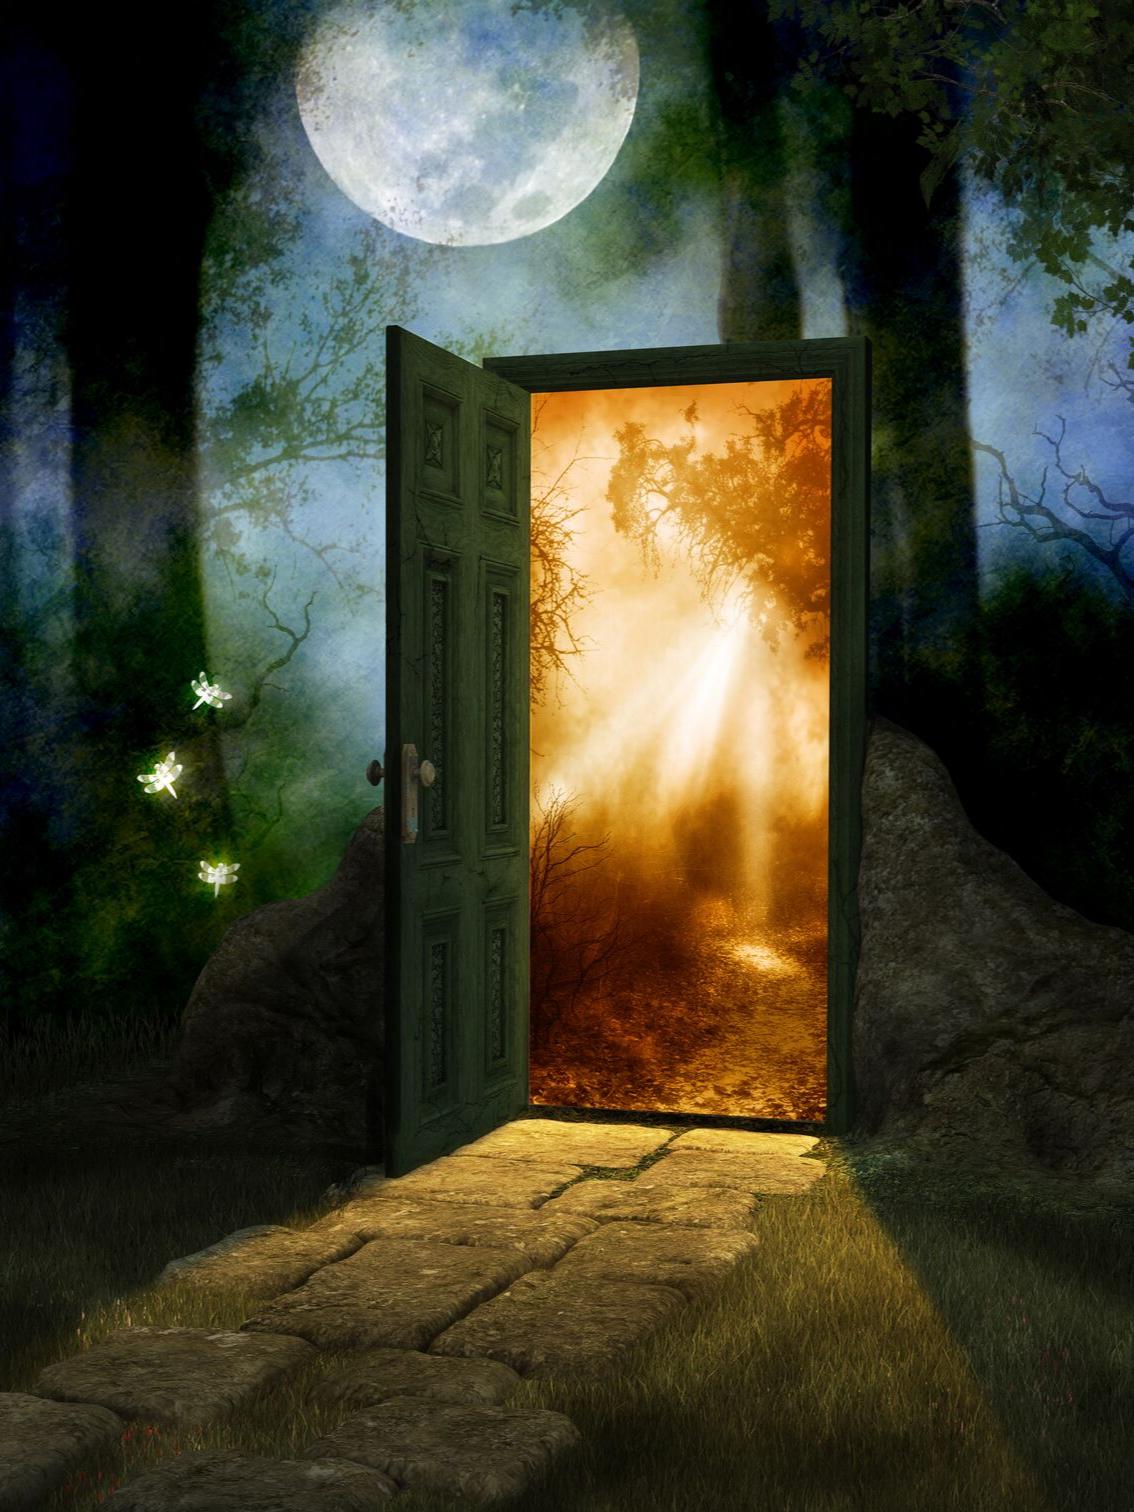 Märchen für Kinder zu Sonne, Mond und Sternen